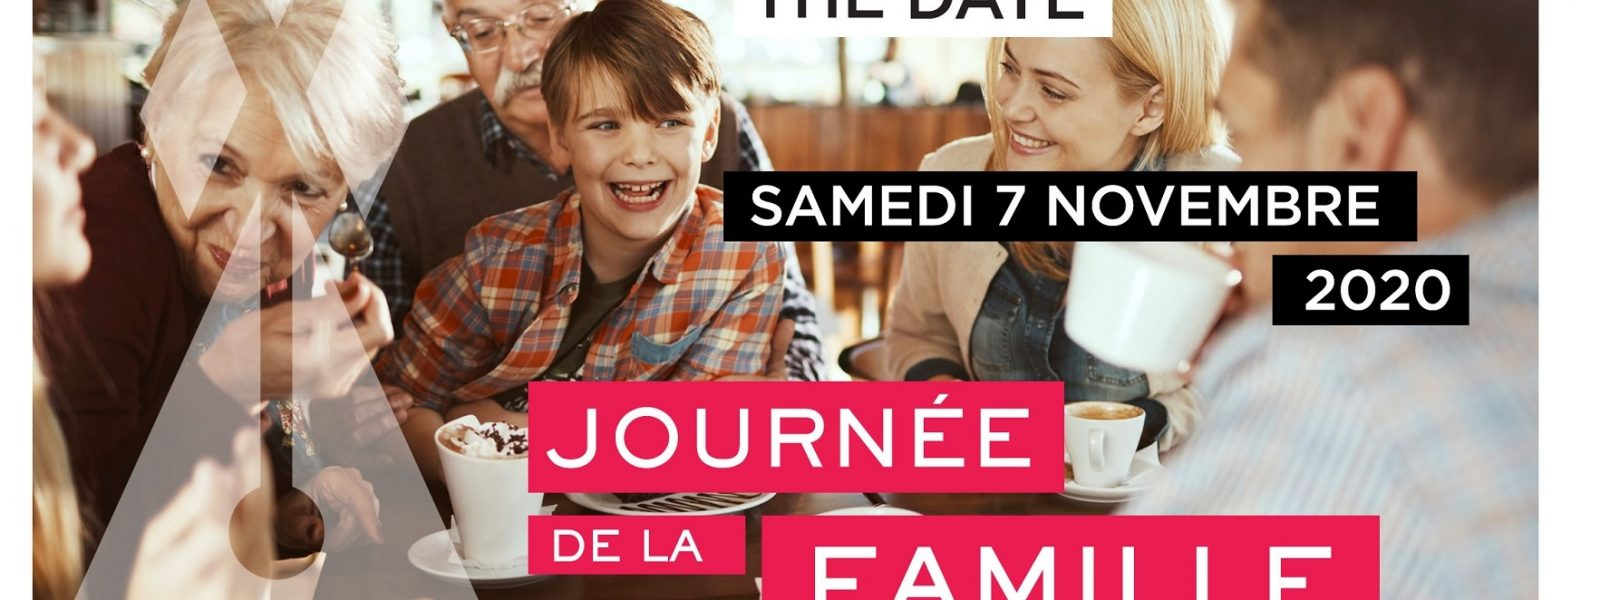 Journée de la Famille 2020 au Couvent des Jacobins à Rennes